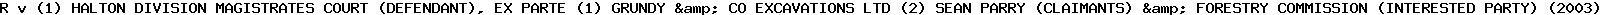 [2003] EWHC 272 (Admin)